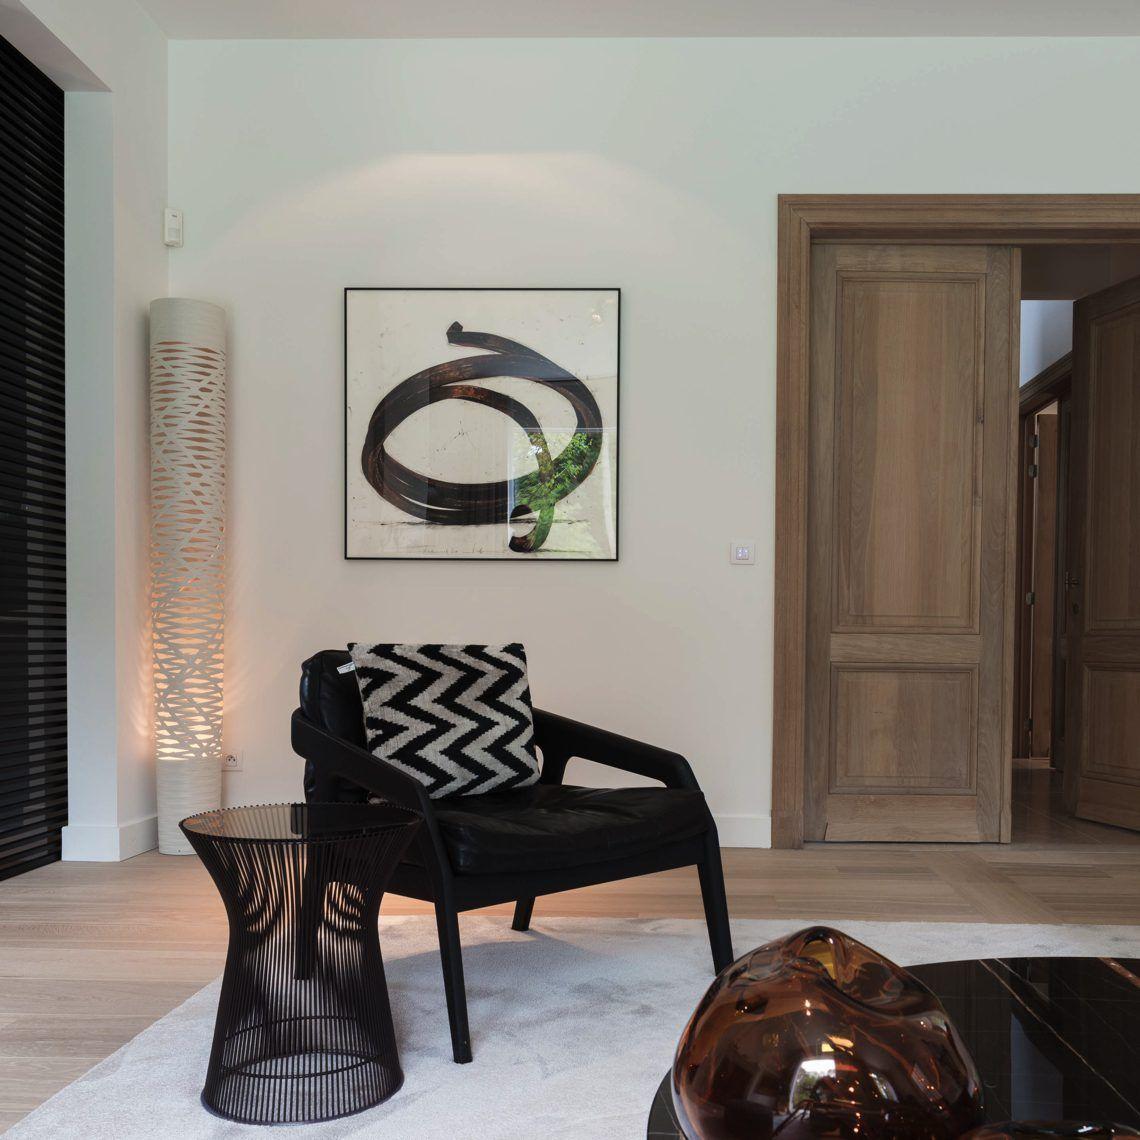 Devos interieur - Inrichting villa Schilde - Hoog □ Exclusieve woon ...